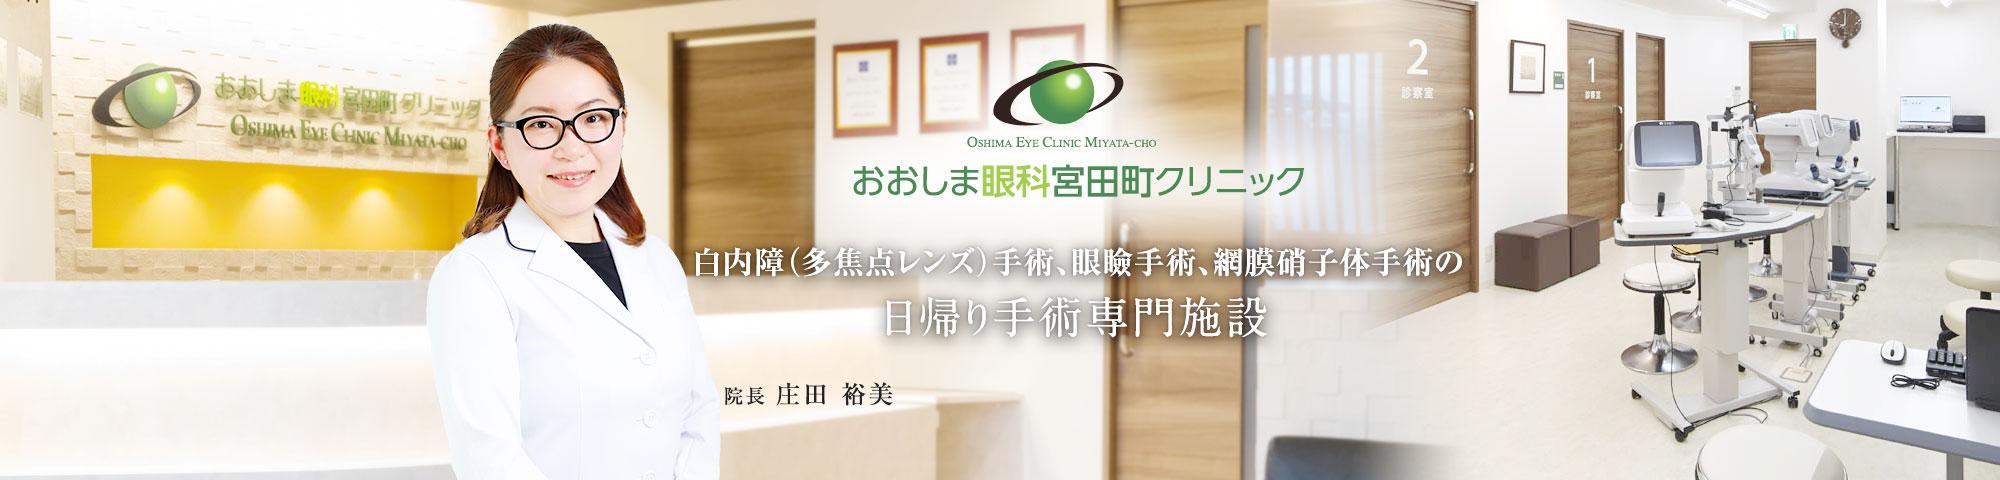 おおしま眼科宮田町クリニック 白内障(多焦点レンズ)手術、眼瞼手術、網膜硝子体手術の日帰り手術専門施設